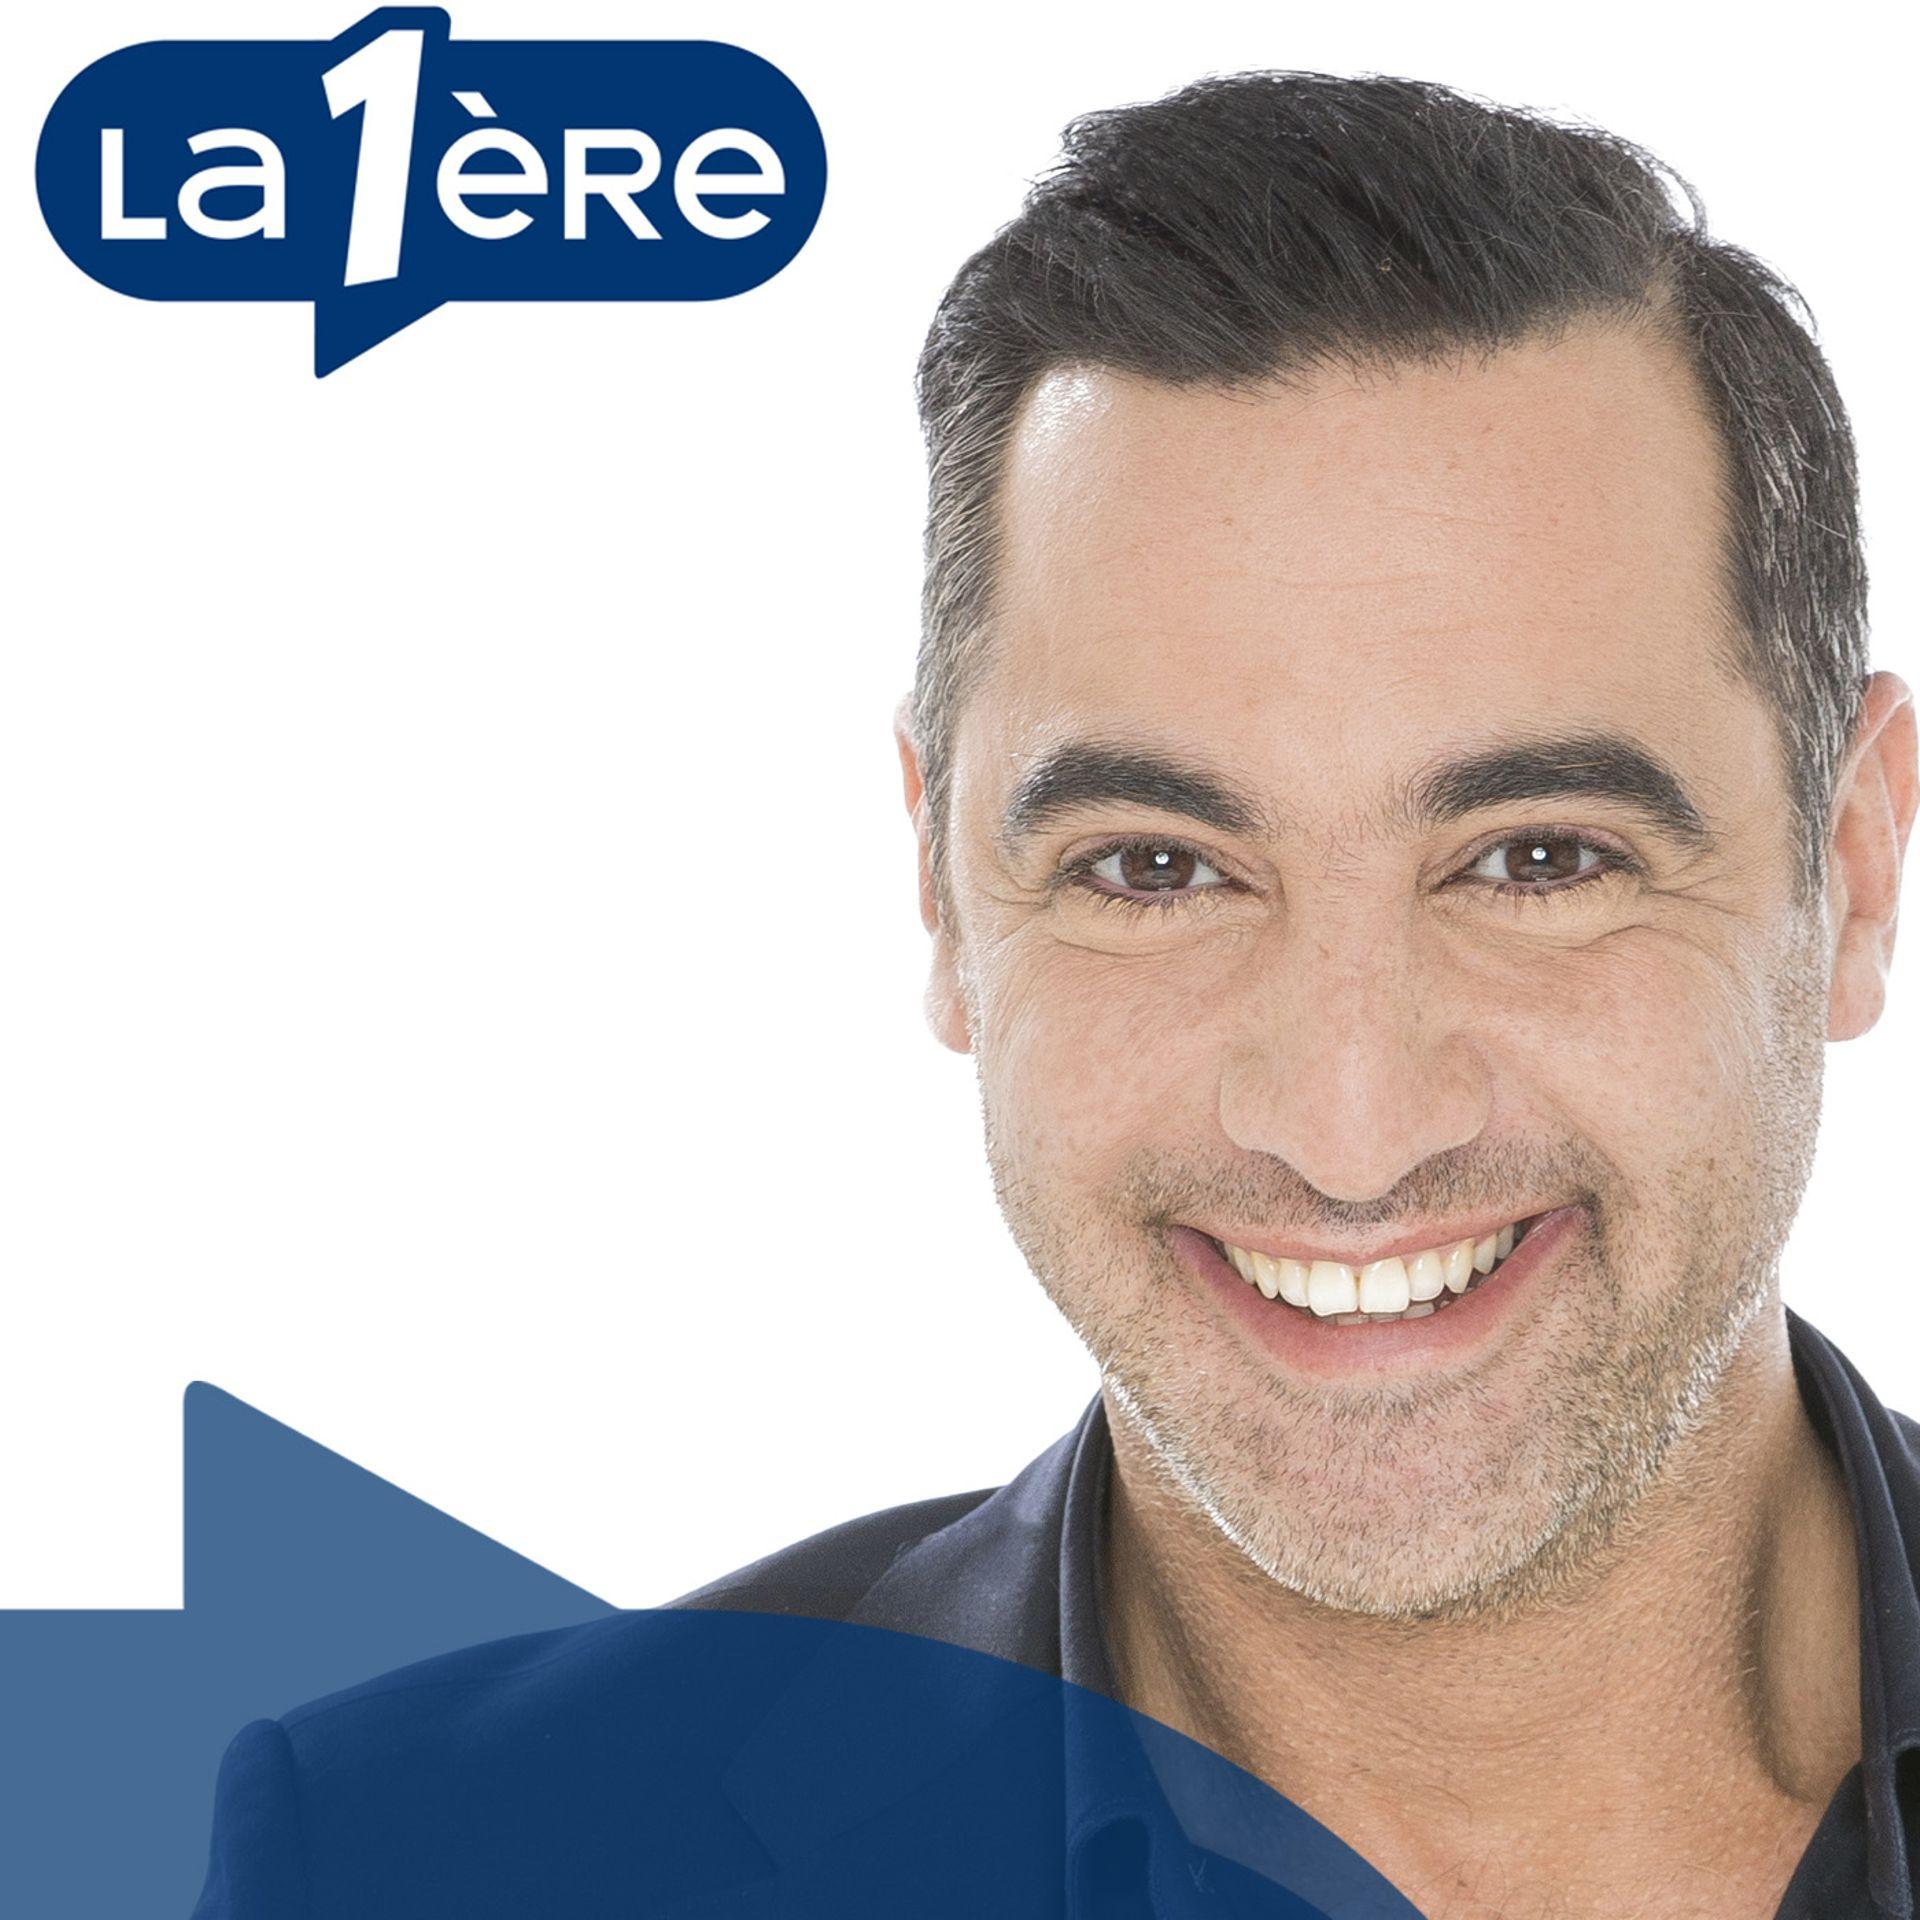 La Presque star - Pierre-Olivier Direction Président de la formation en thanatopraxie - 30/01/2018